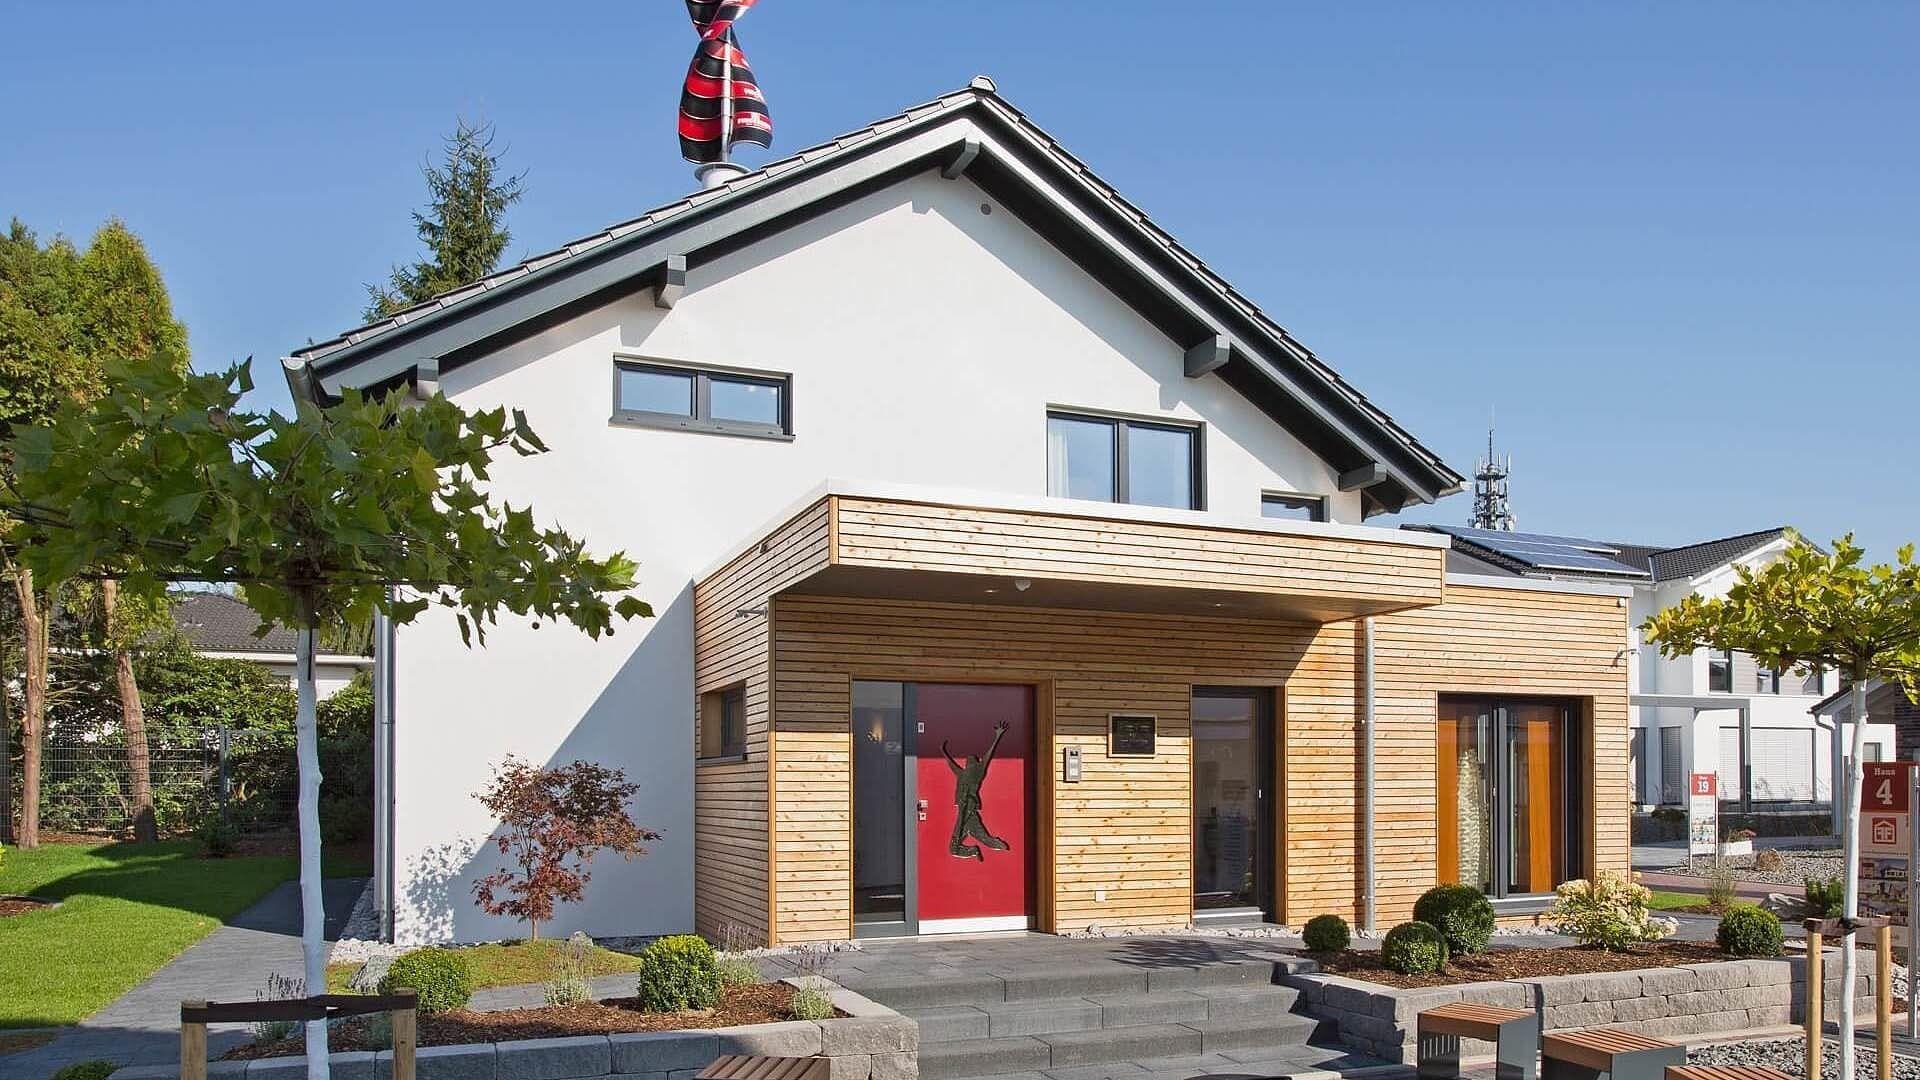 Musterhaus Wuppertal In 2020 Fingerhut Haus Haus Und Fassade Haus